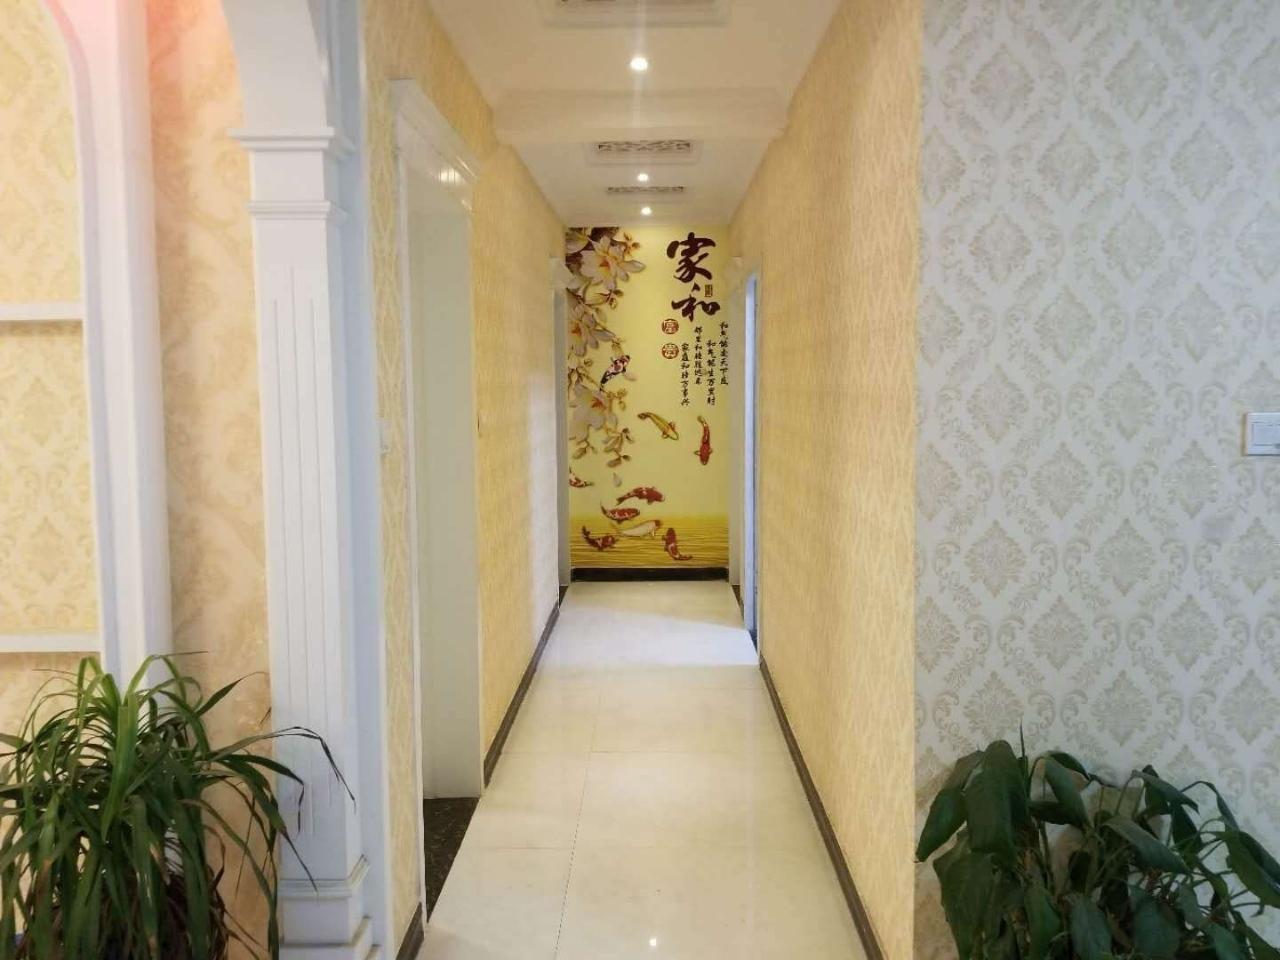 宜居时尚小镇3室 2厅 2卫75万元